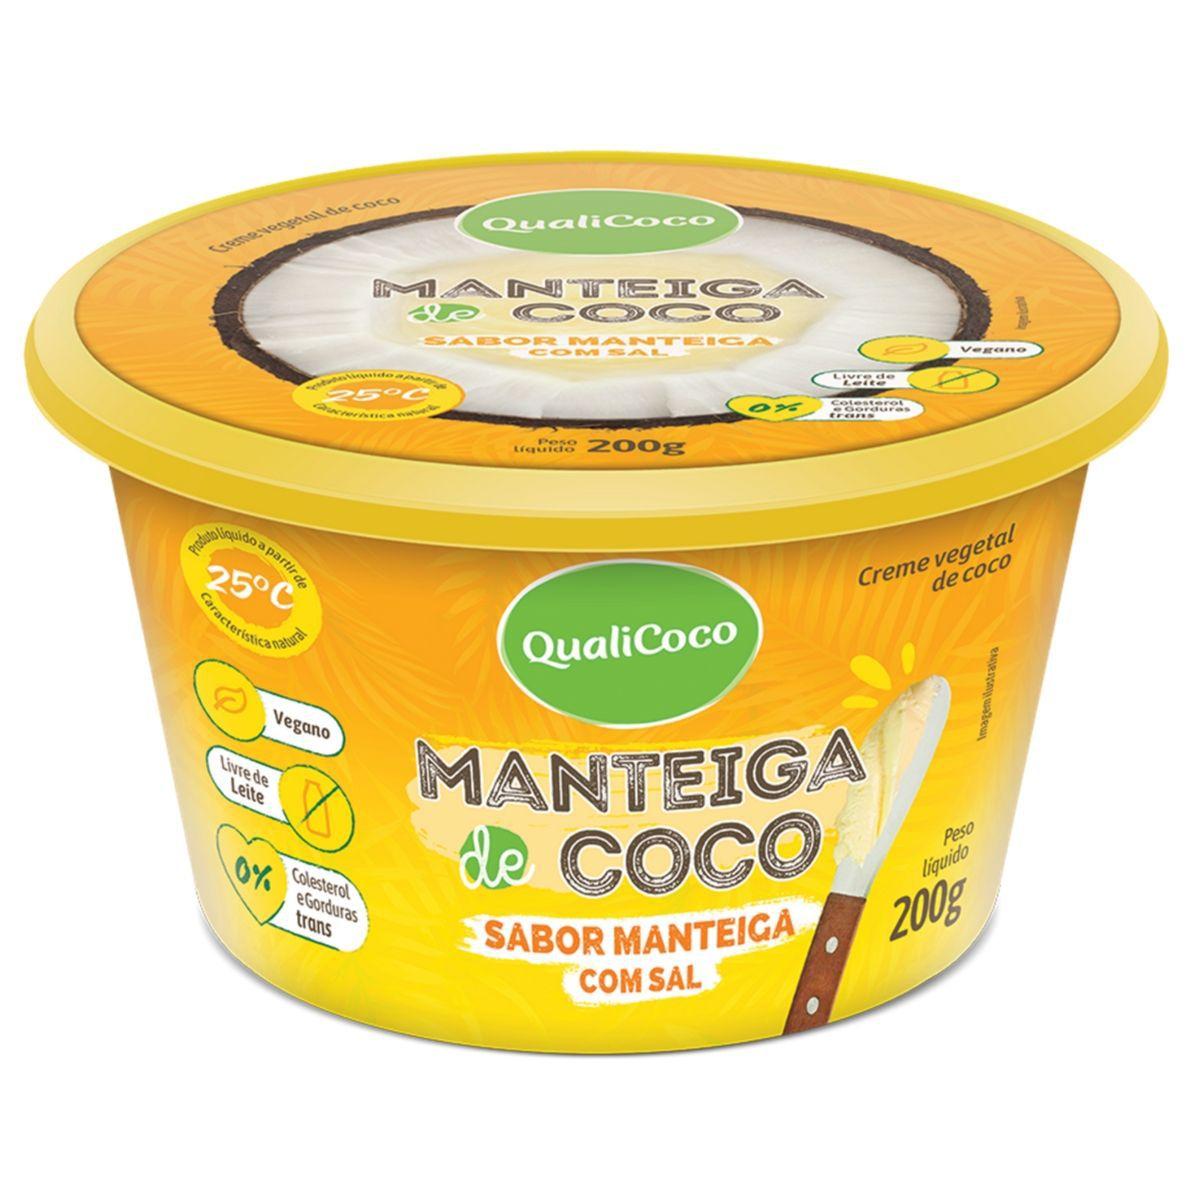 Manteiga De Coco C/ Sal Sabor Manteiga 200g - QualiCôco